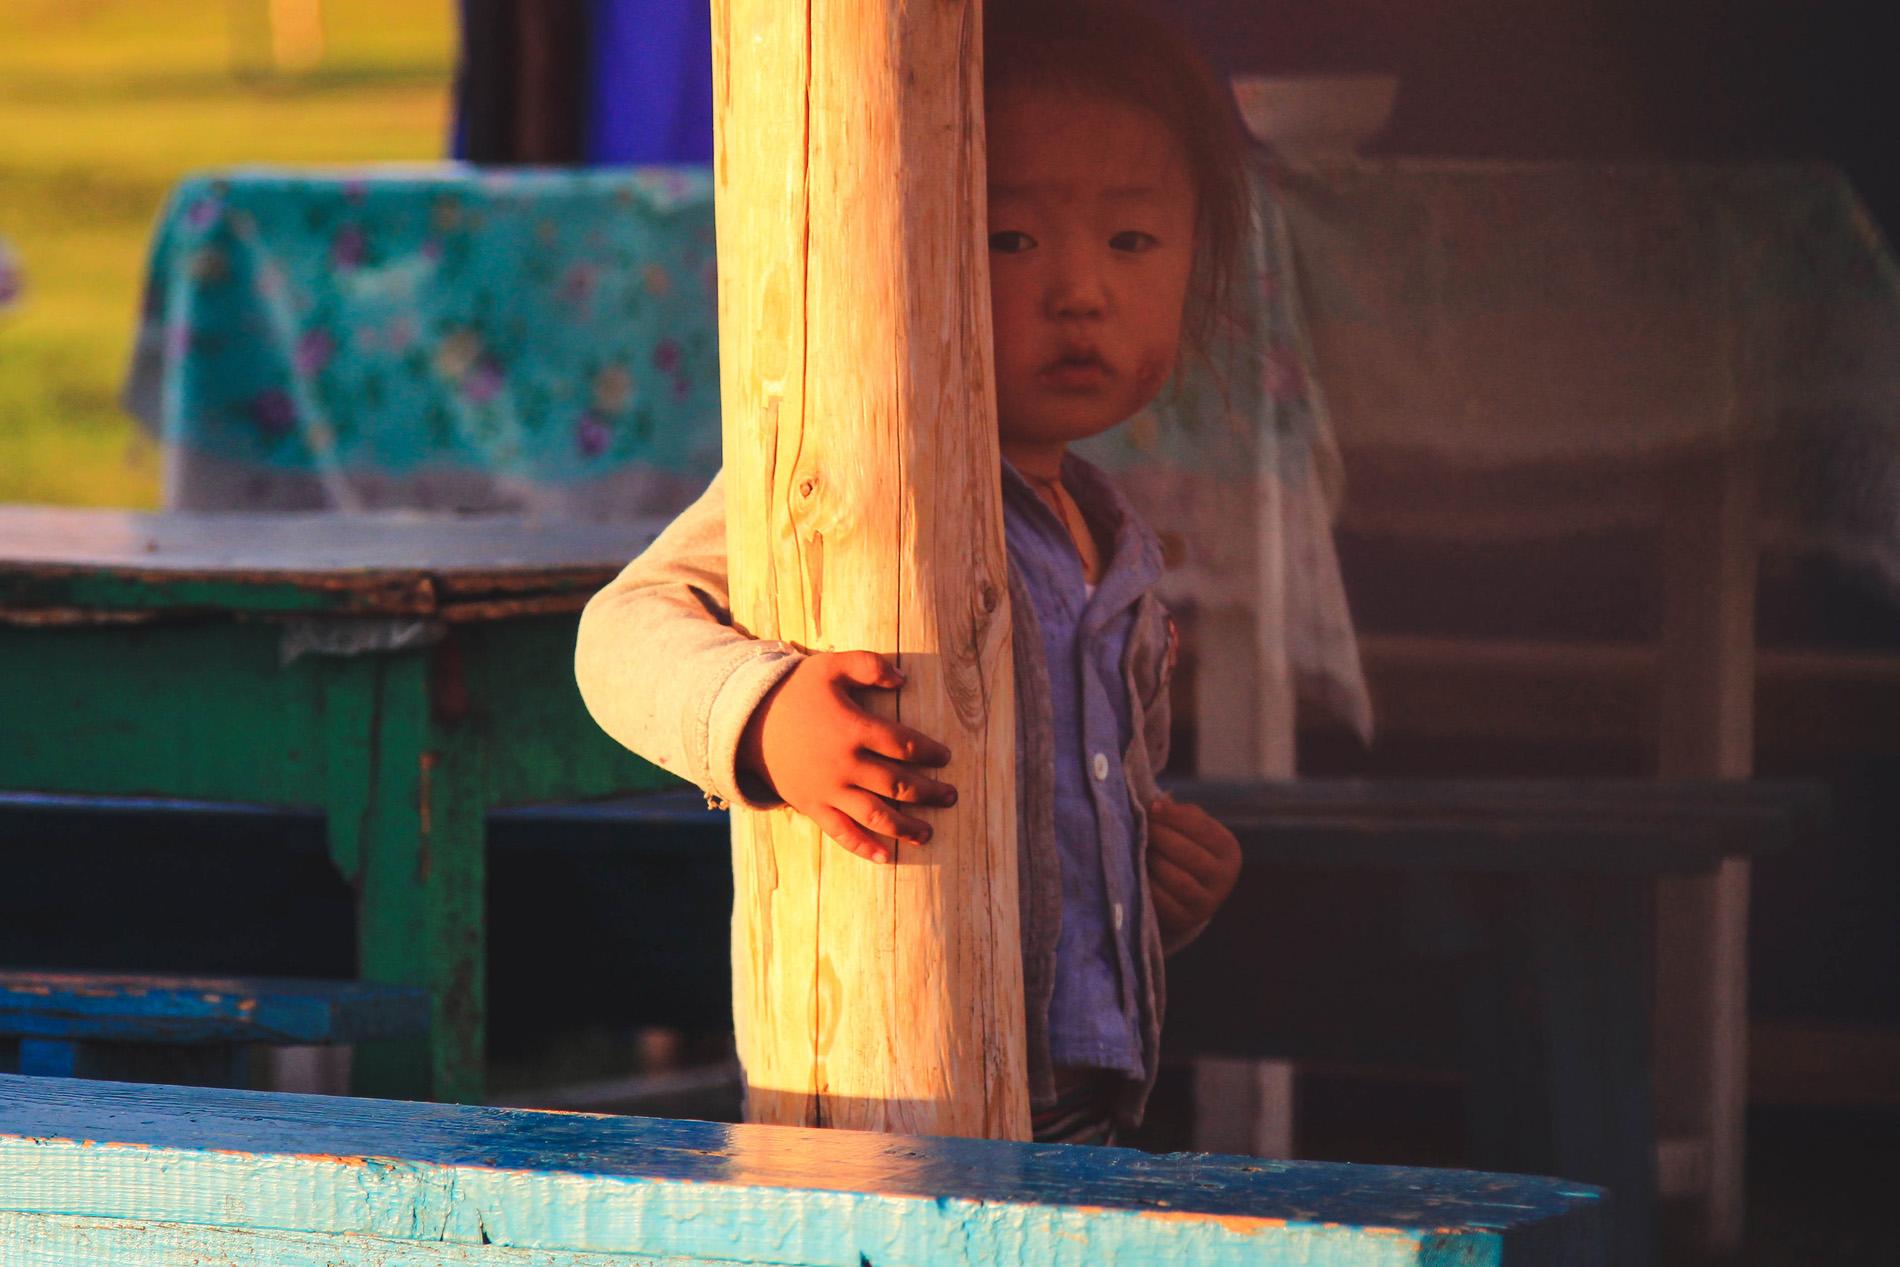 Ceny jedzenie picie dostępność w Mongolii